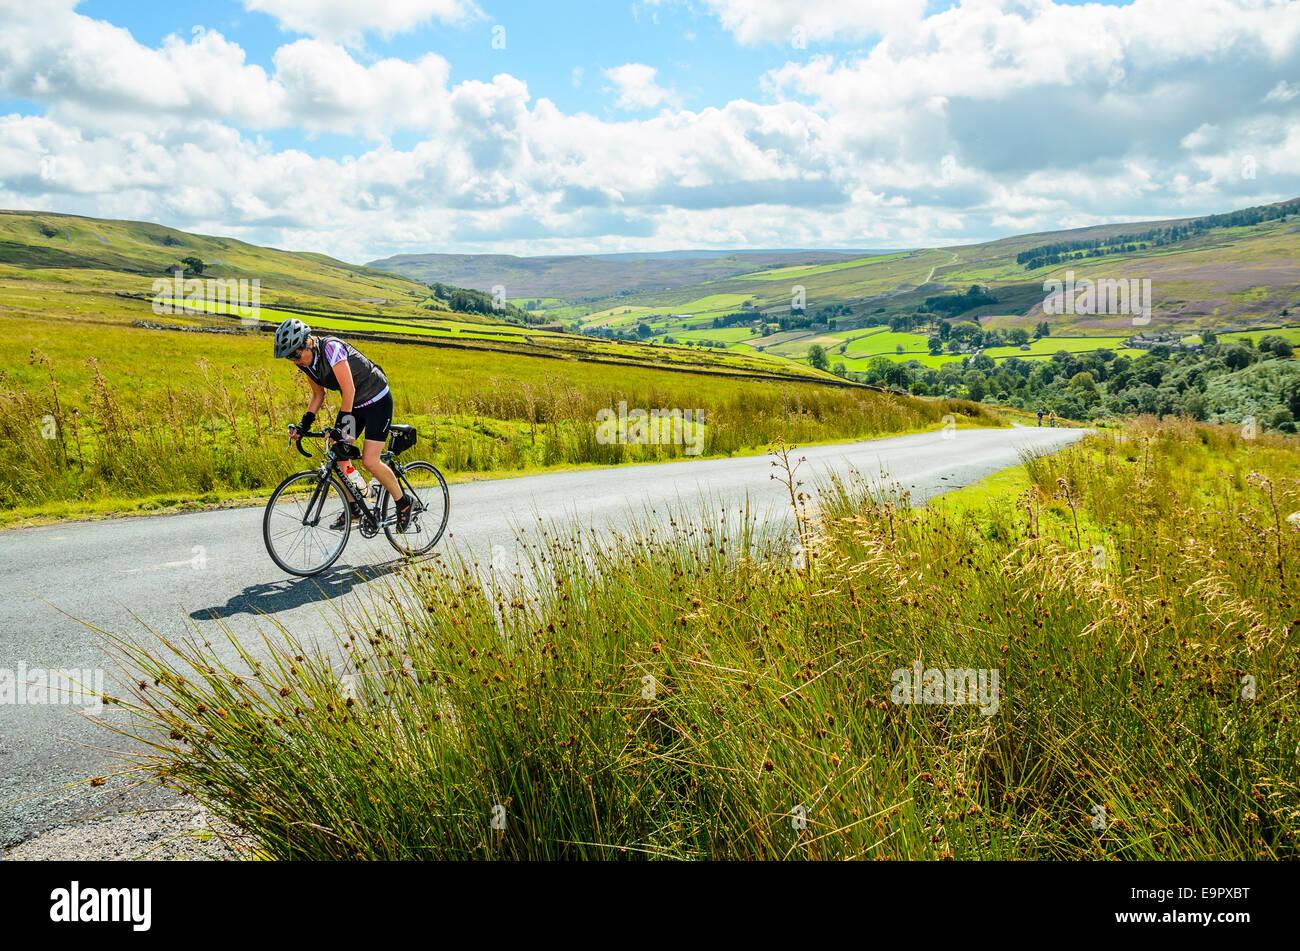 La escalada ciclista femenina Stang en Yorkshire Dales Imagen De Stock